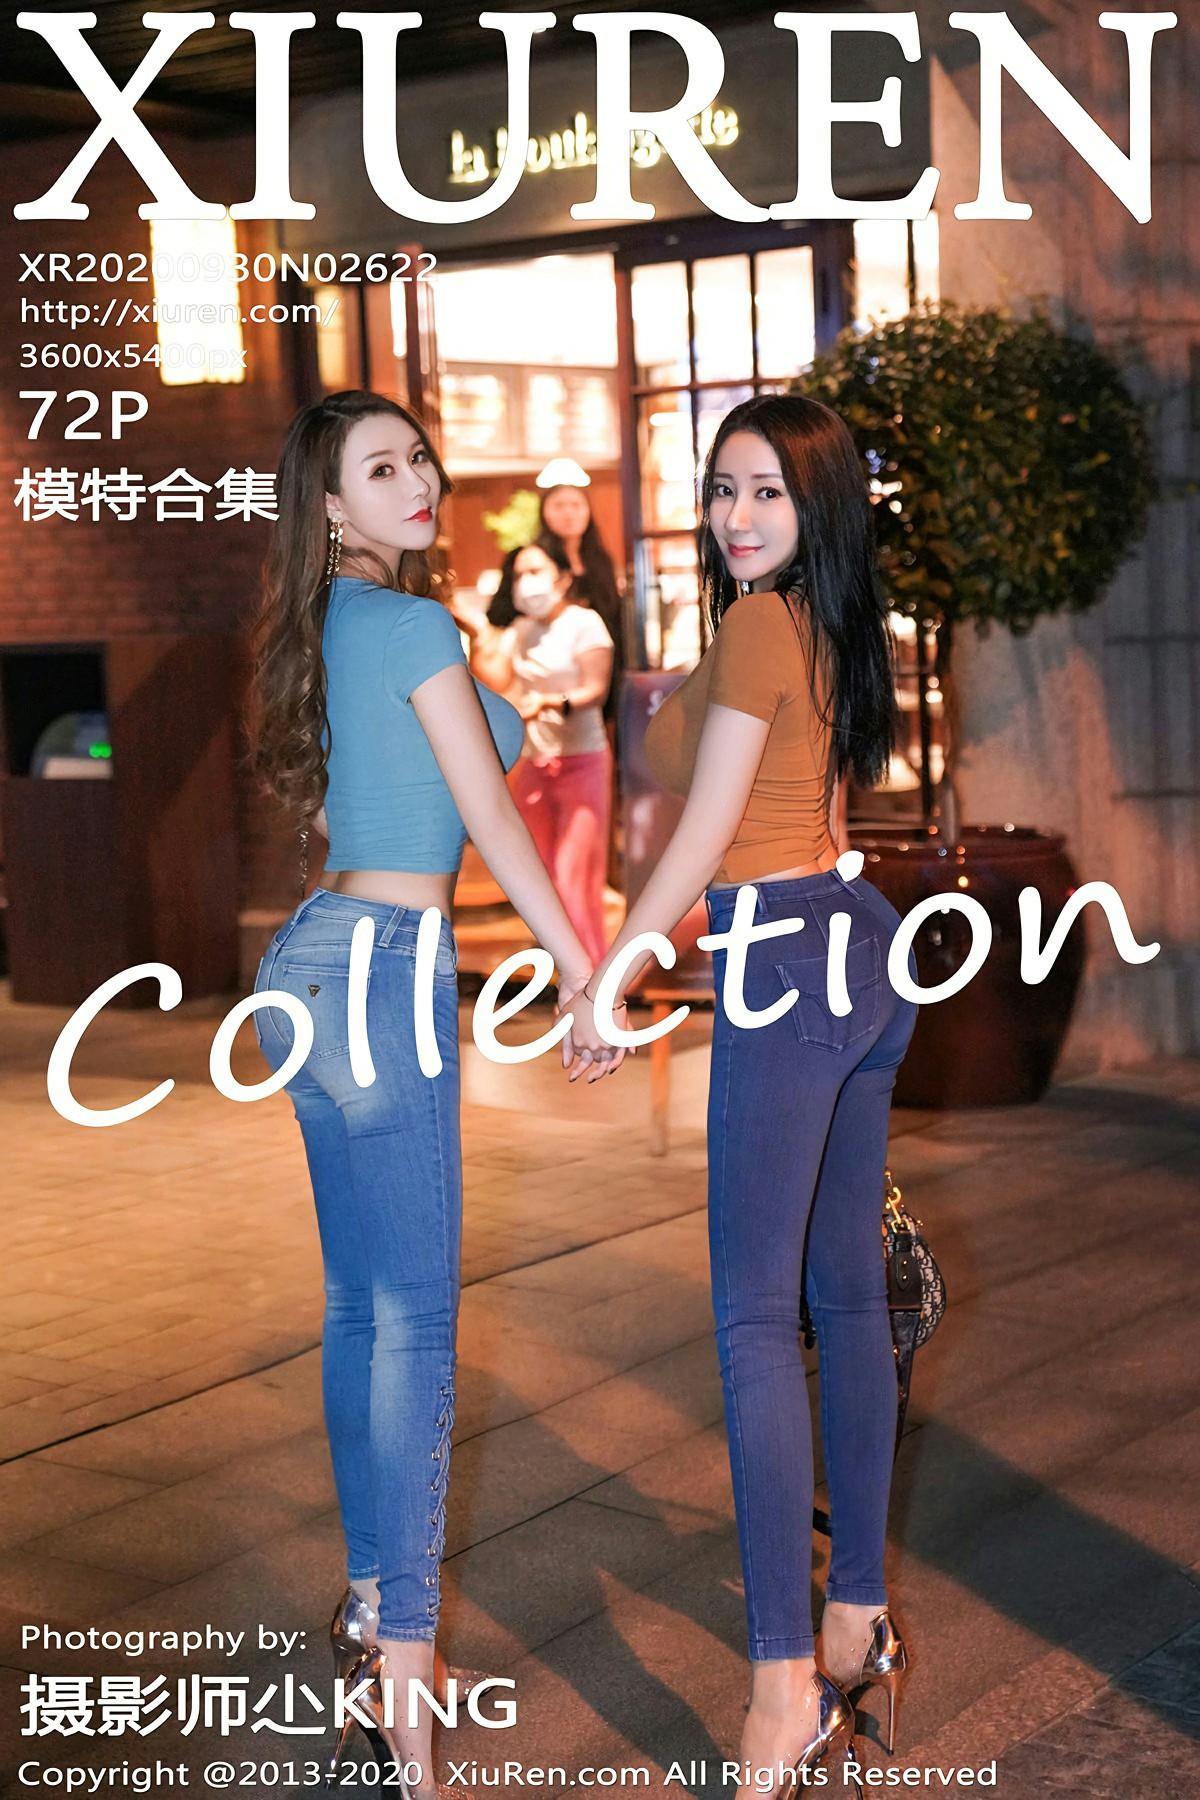 [XiuRen秀人网] 2020.09.30 No.2622 模特合集 第1张